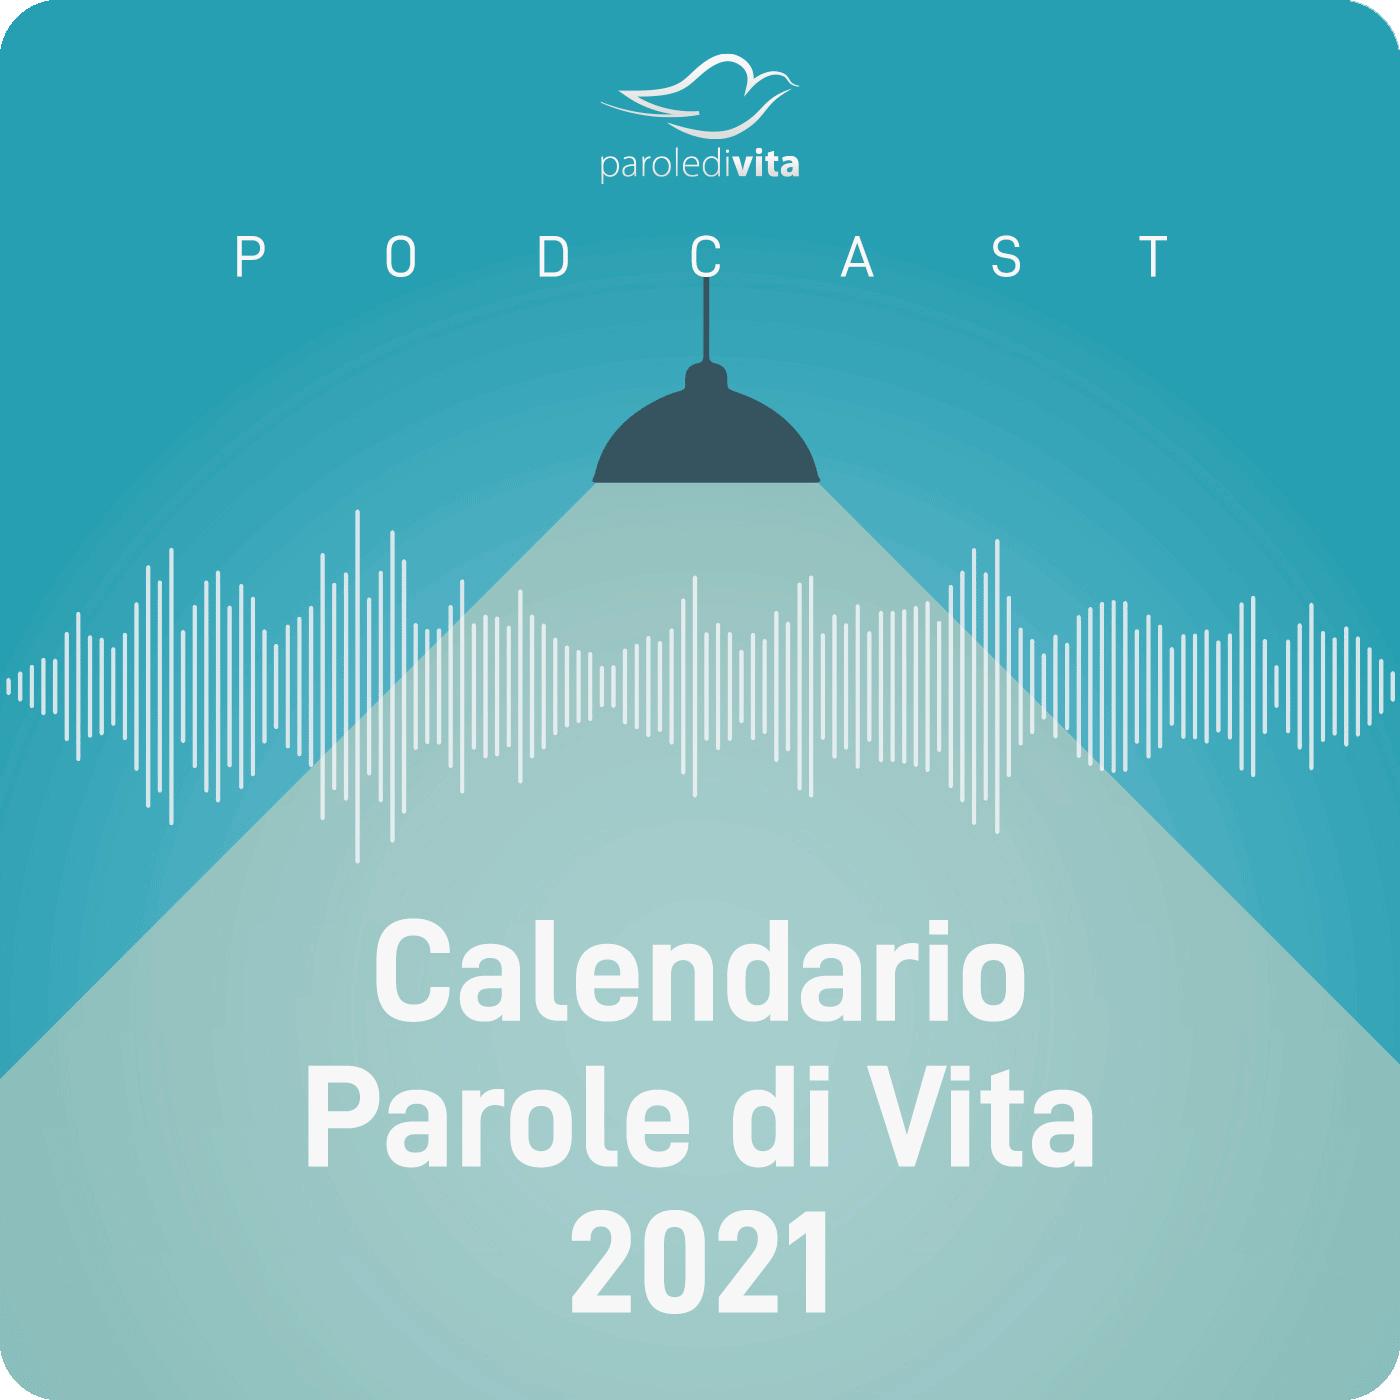 Parole di Vita | Calendario 2021